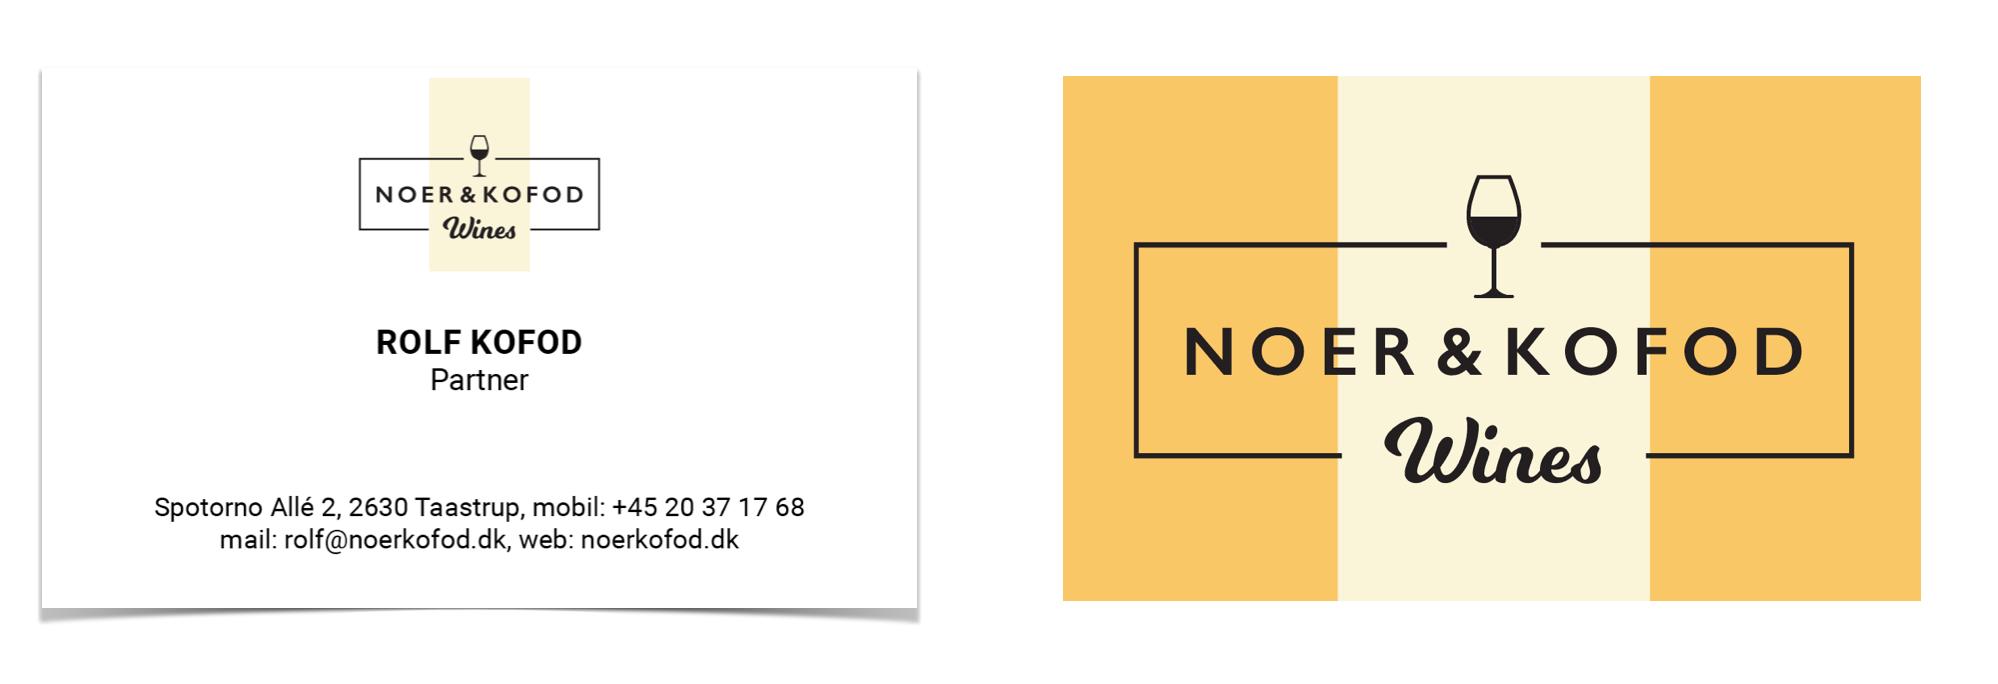 Noer & Kofod design